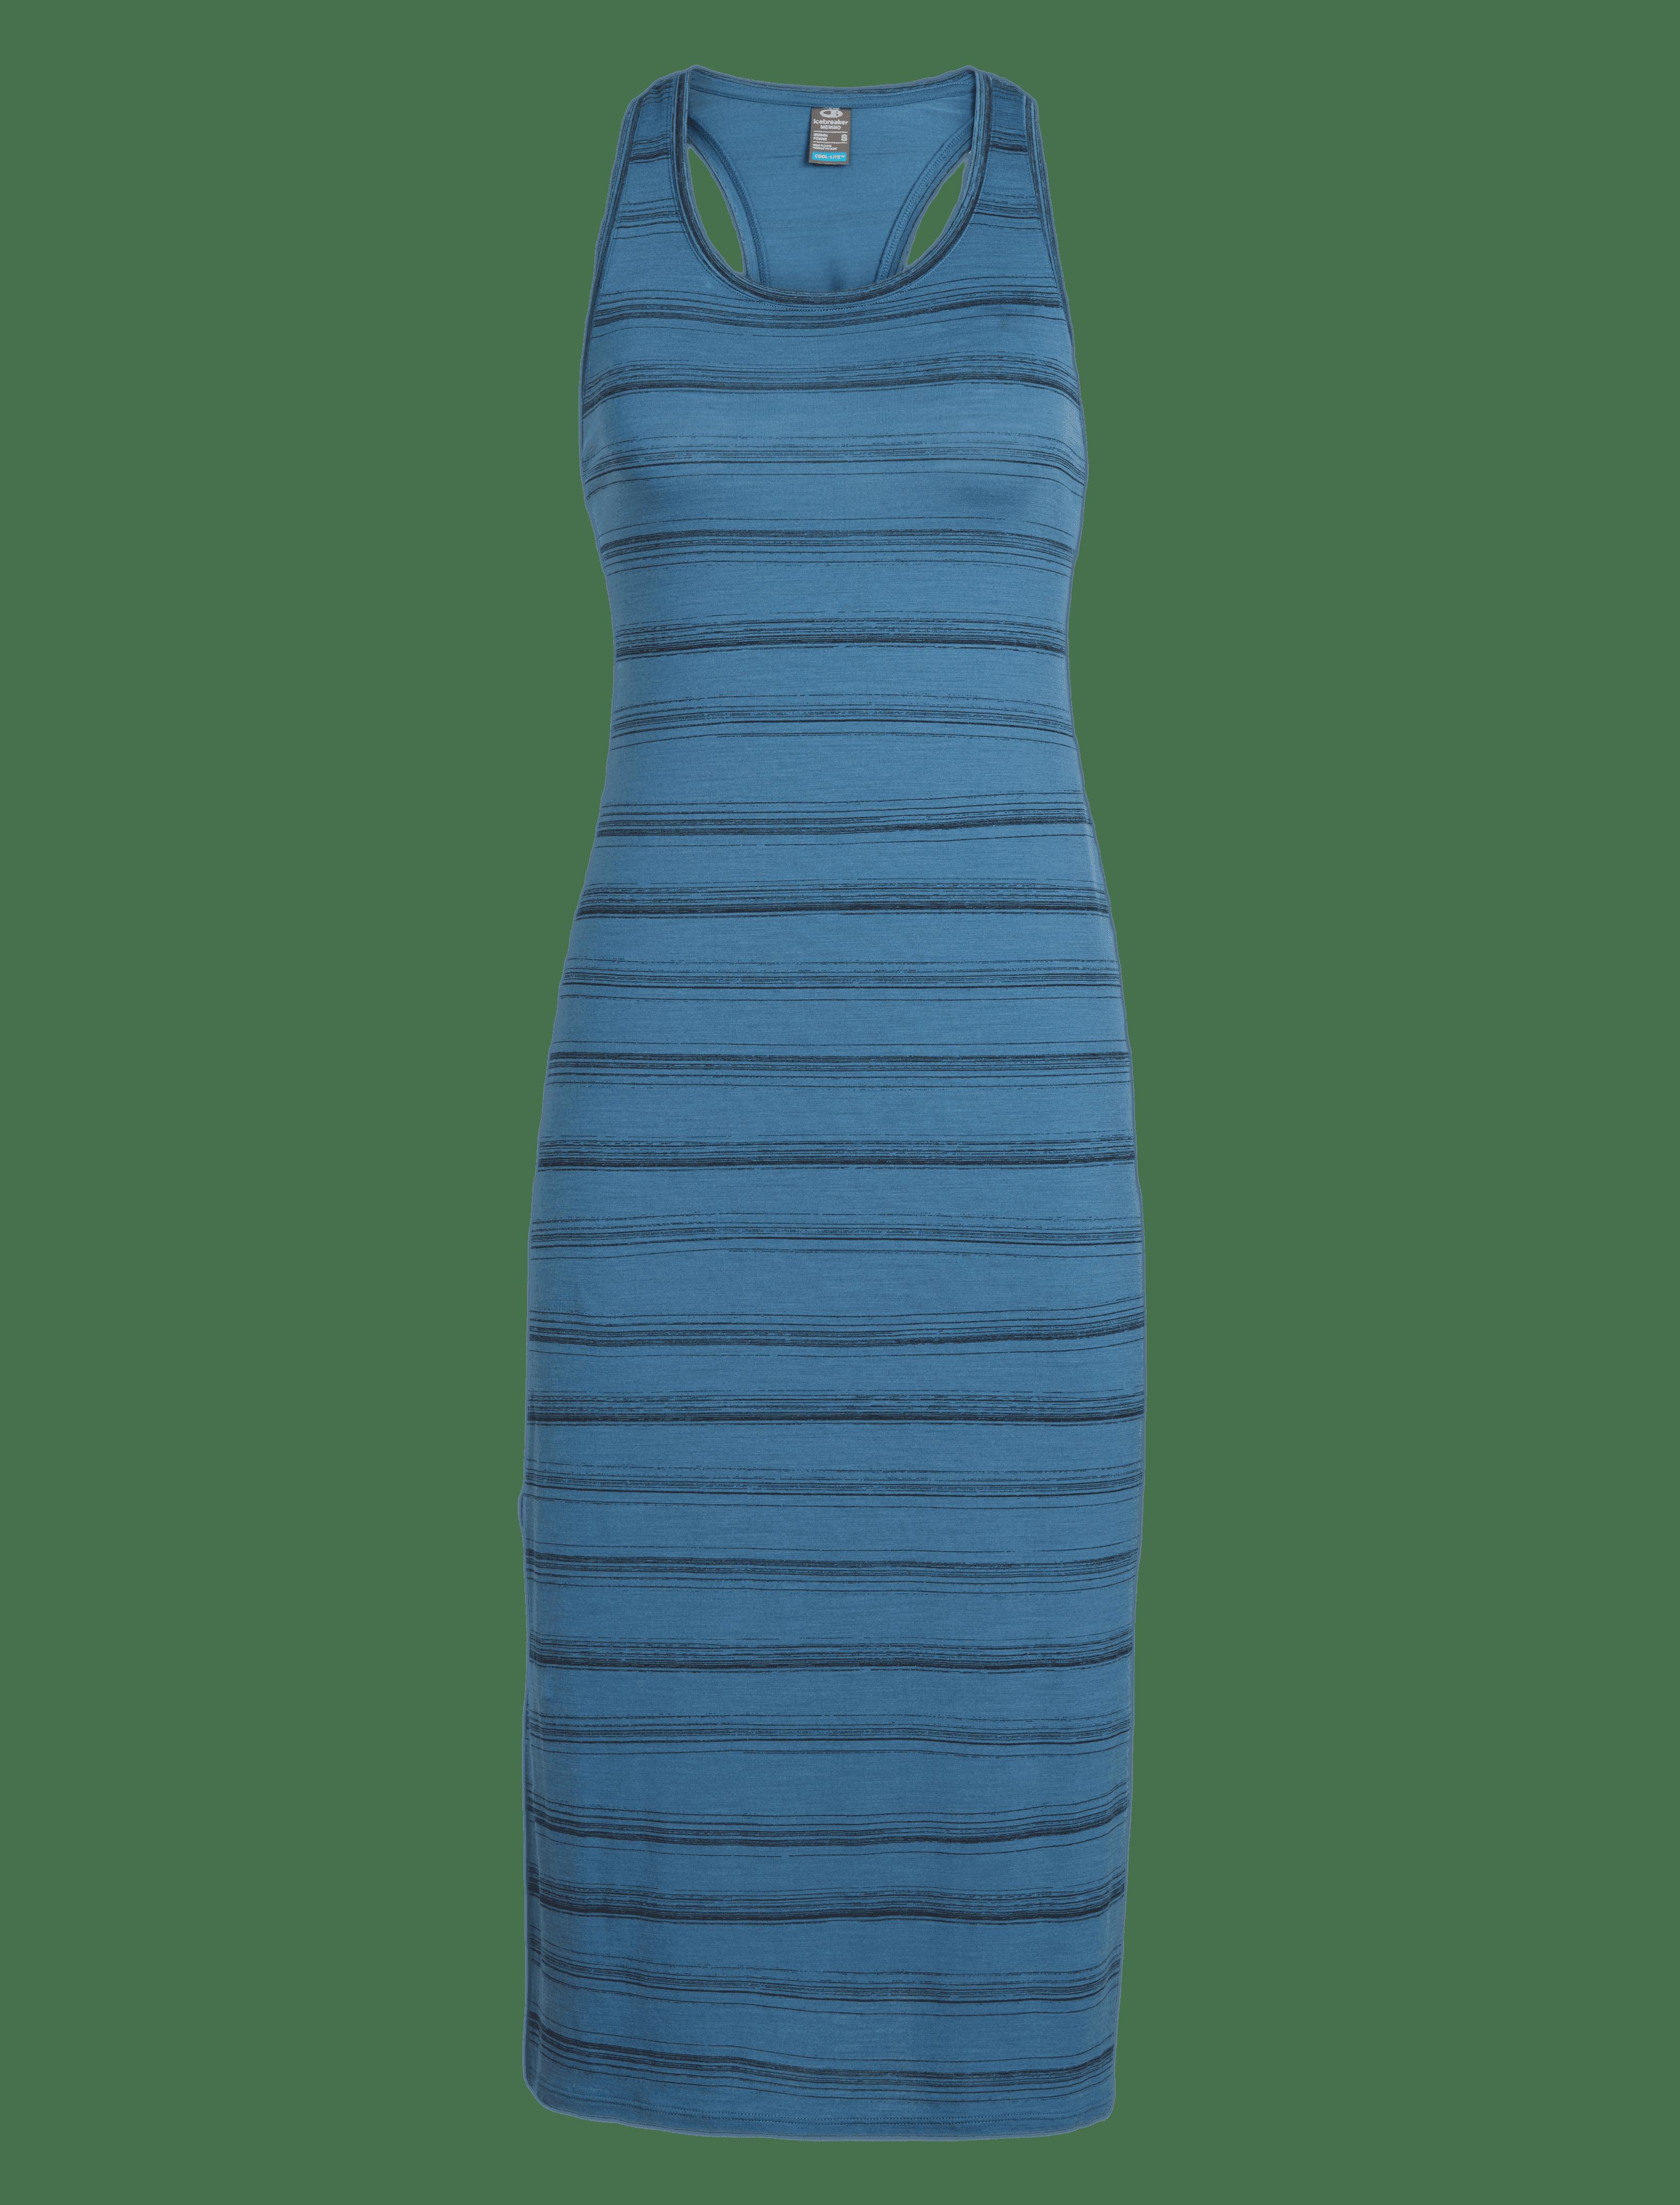 Jurk yanni tank midid dress